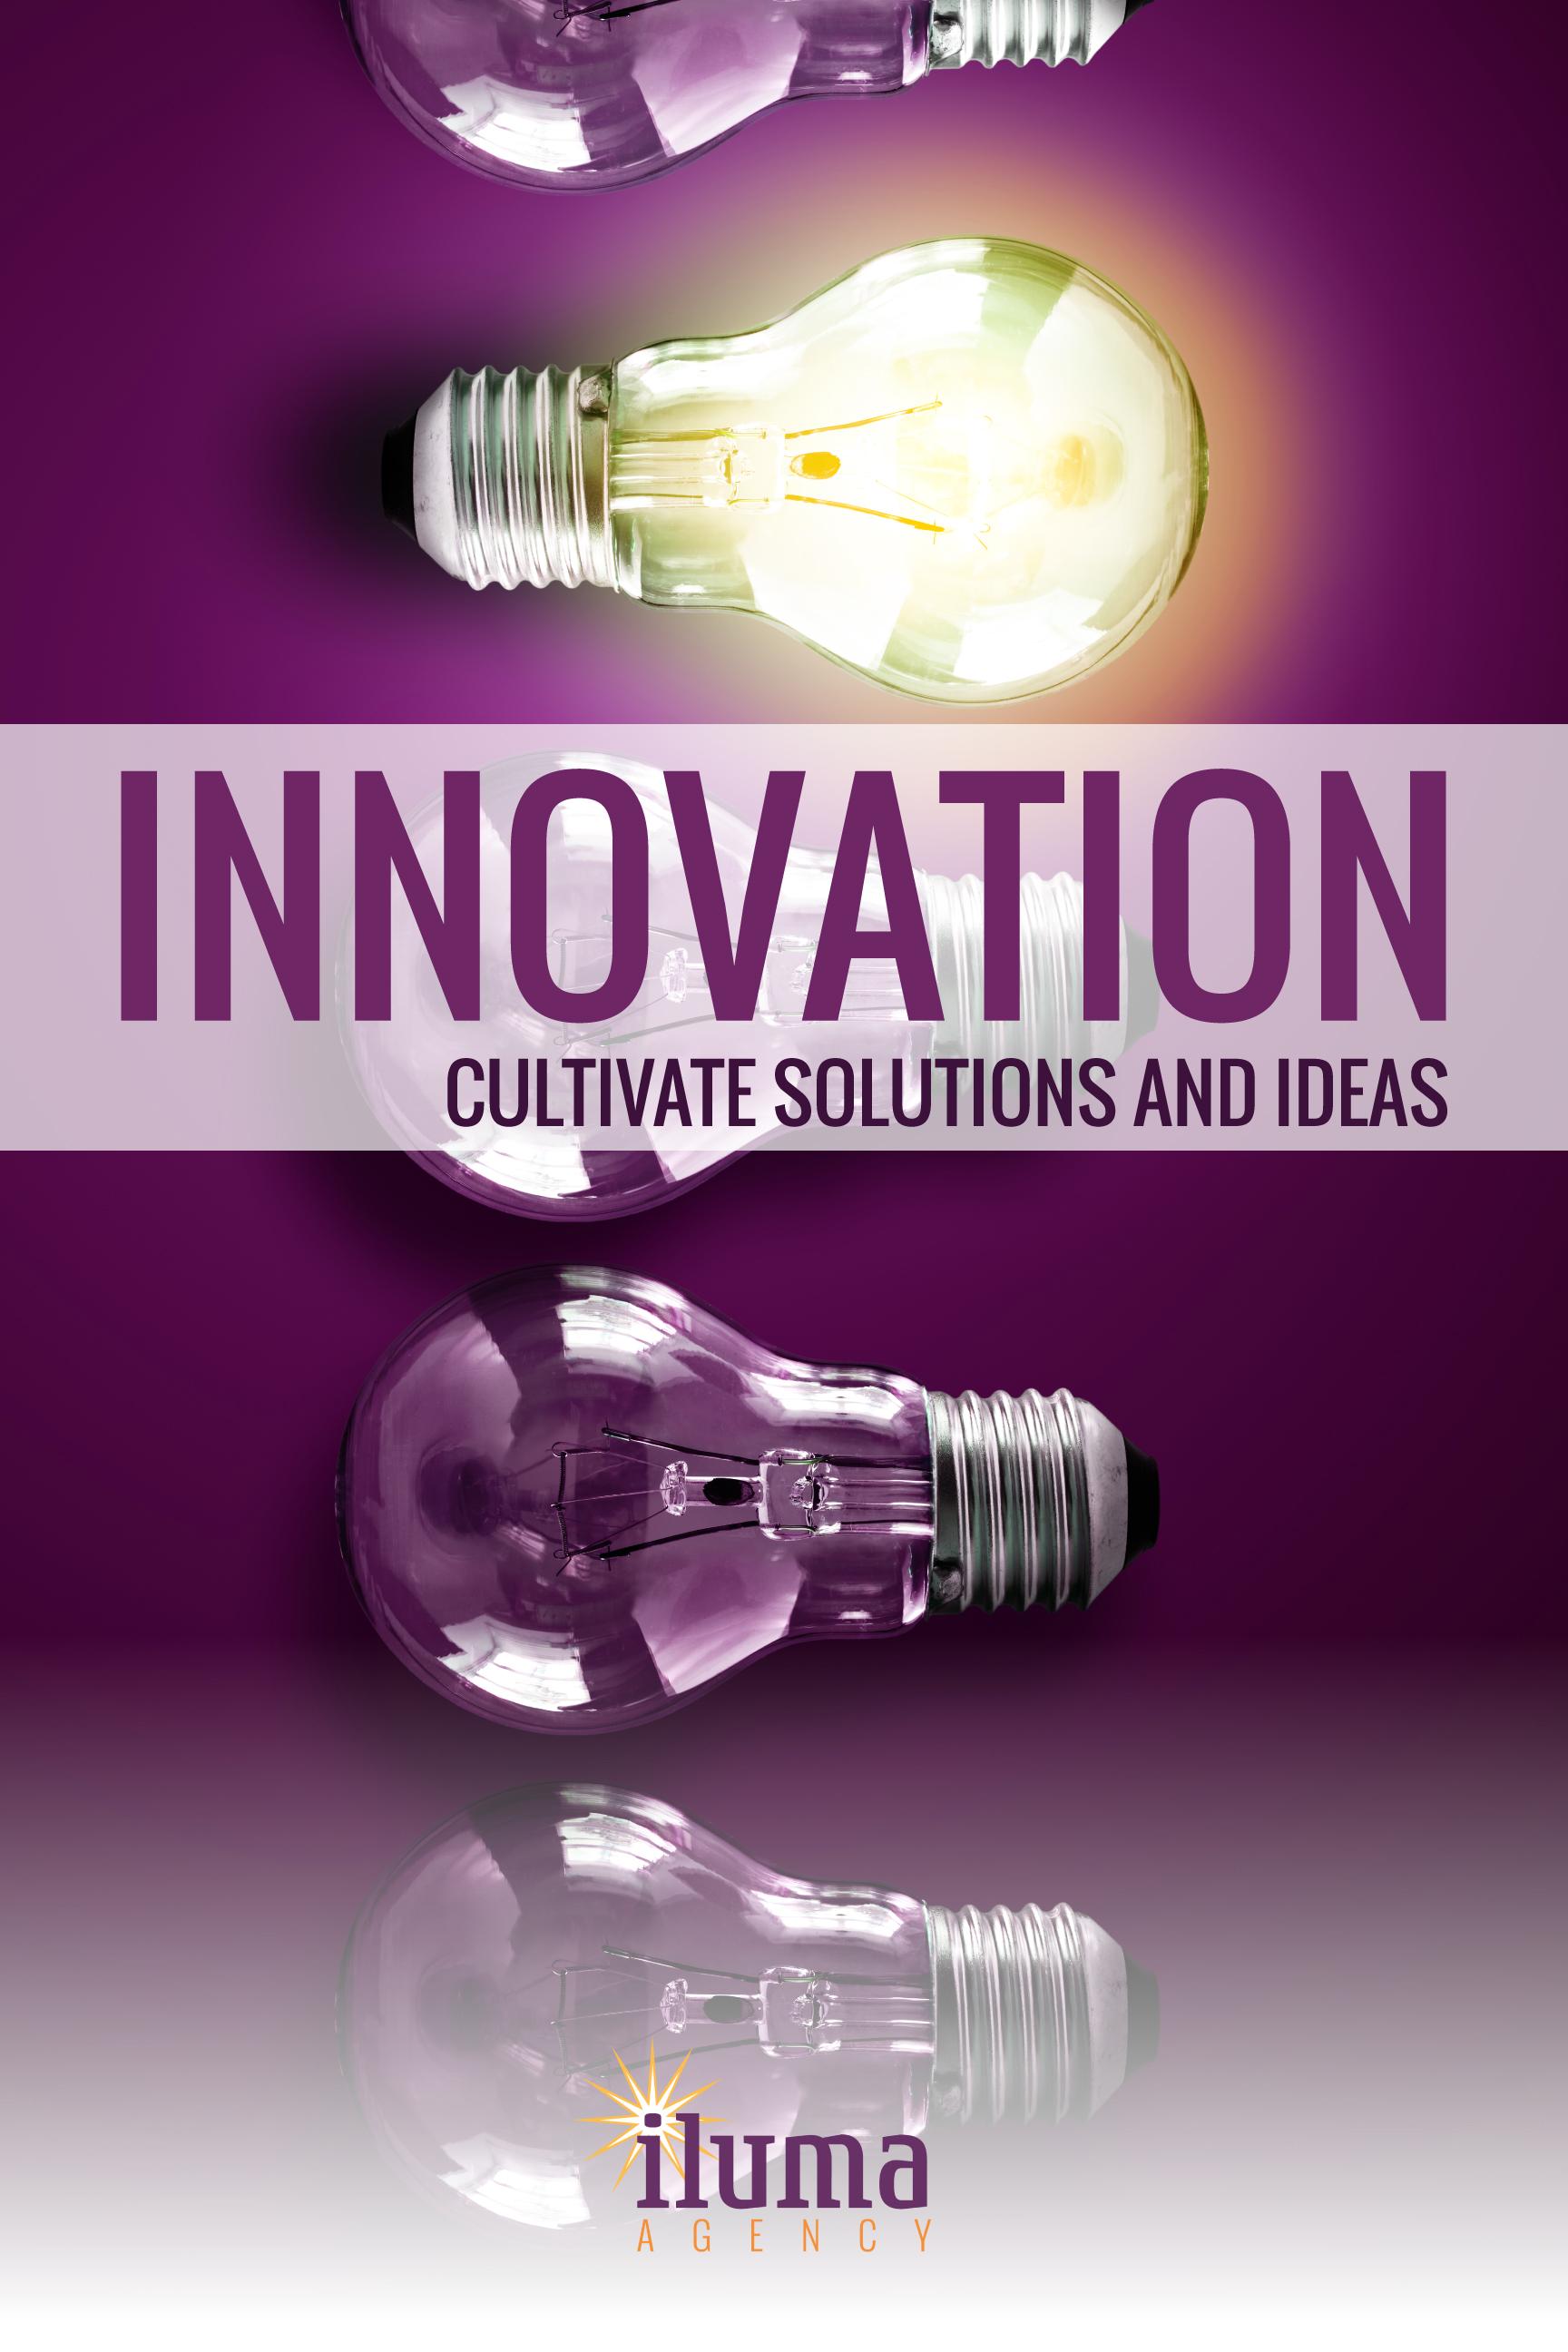 Innovation_24x36_P5.jpg